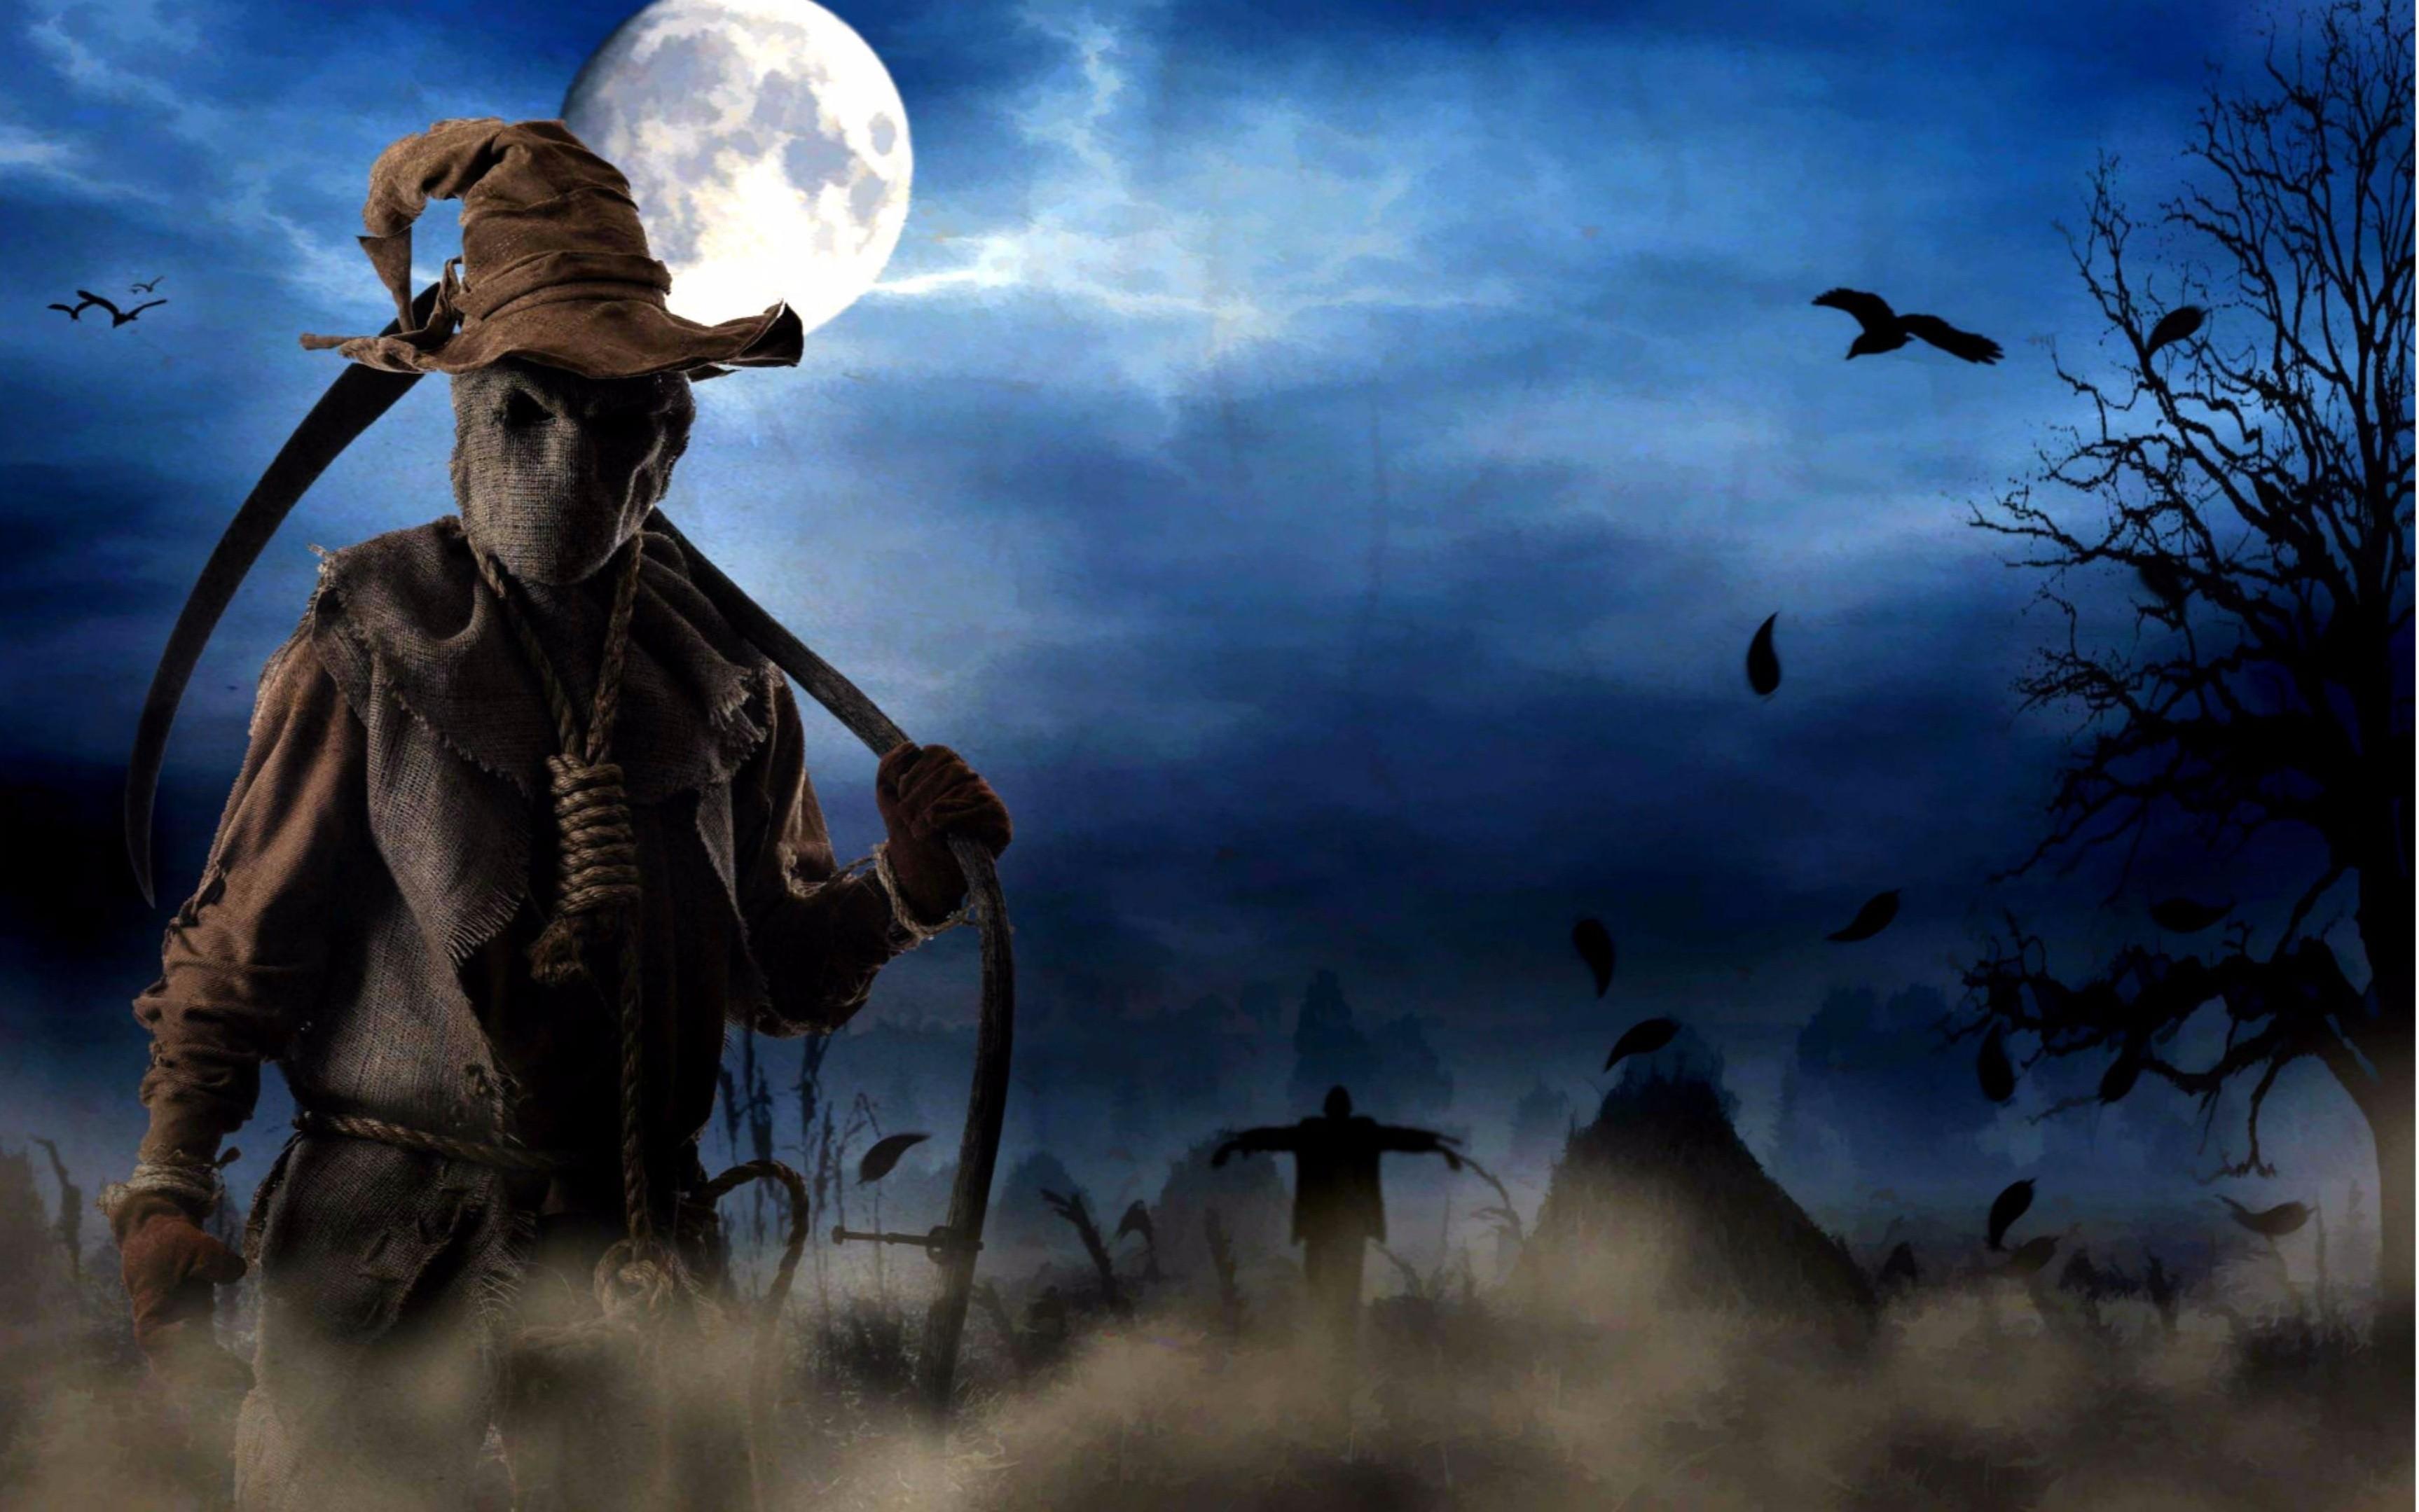 Res: 3453x2159, Halloween wallpapers-1 Halloween wallpapers-14 ...